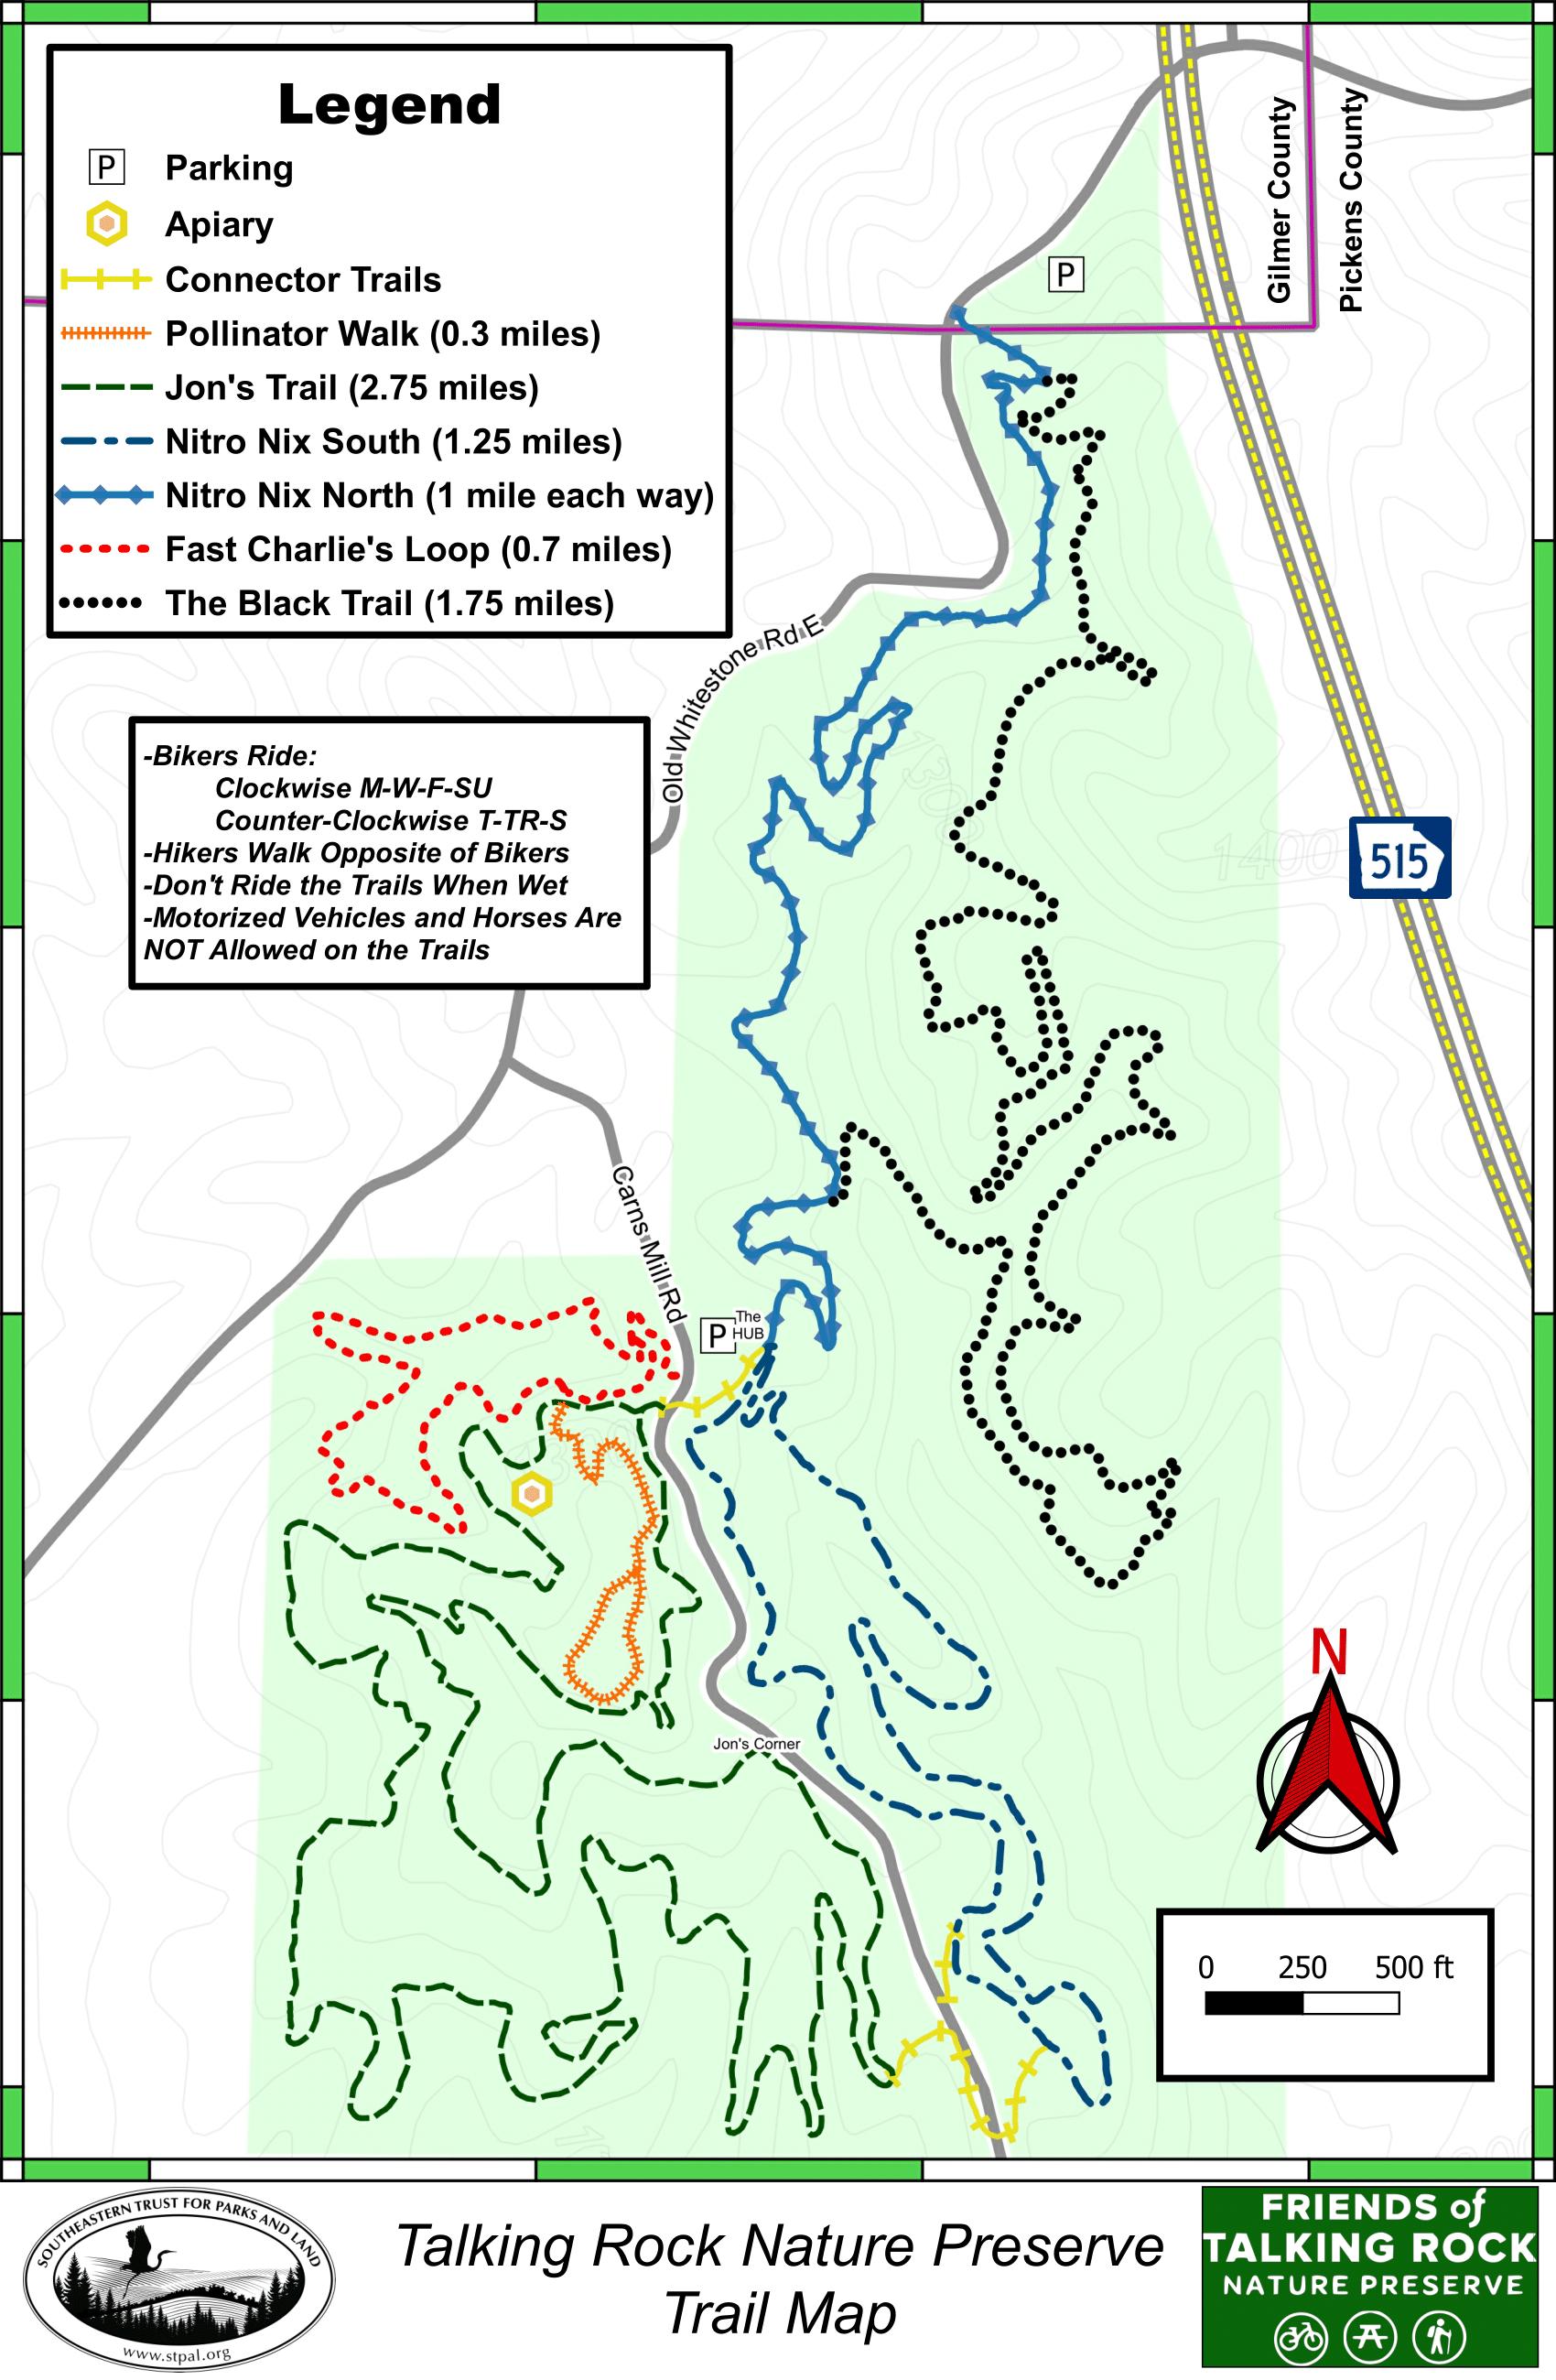 12.17.18 TRNP Test Map 2-1